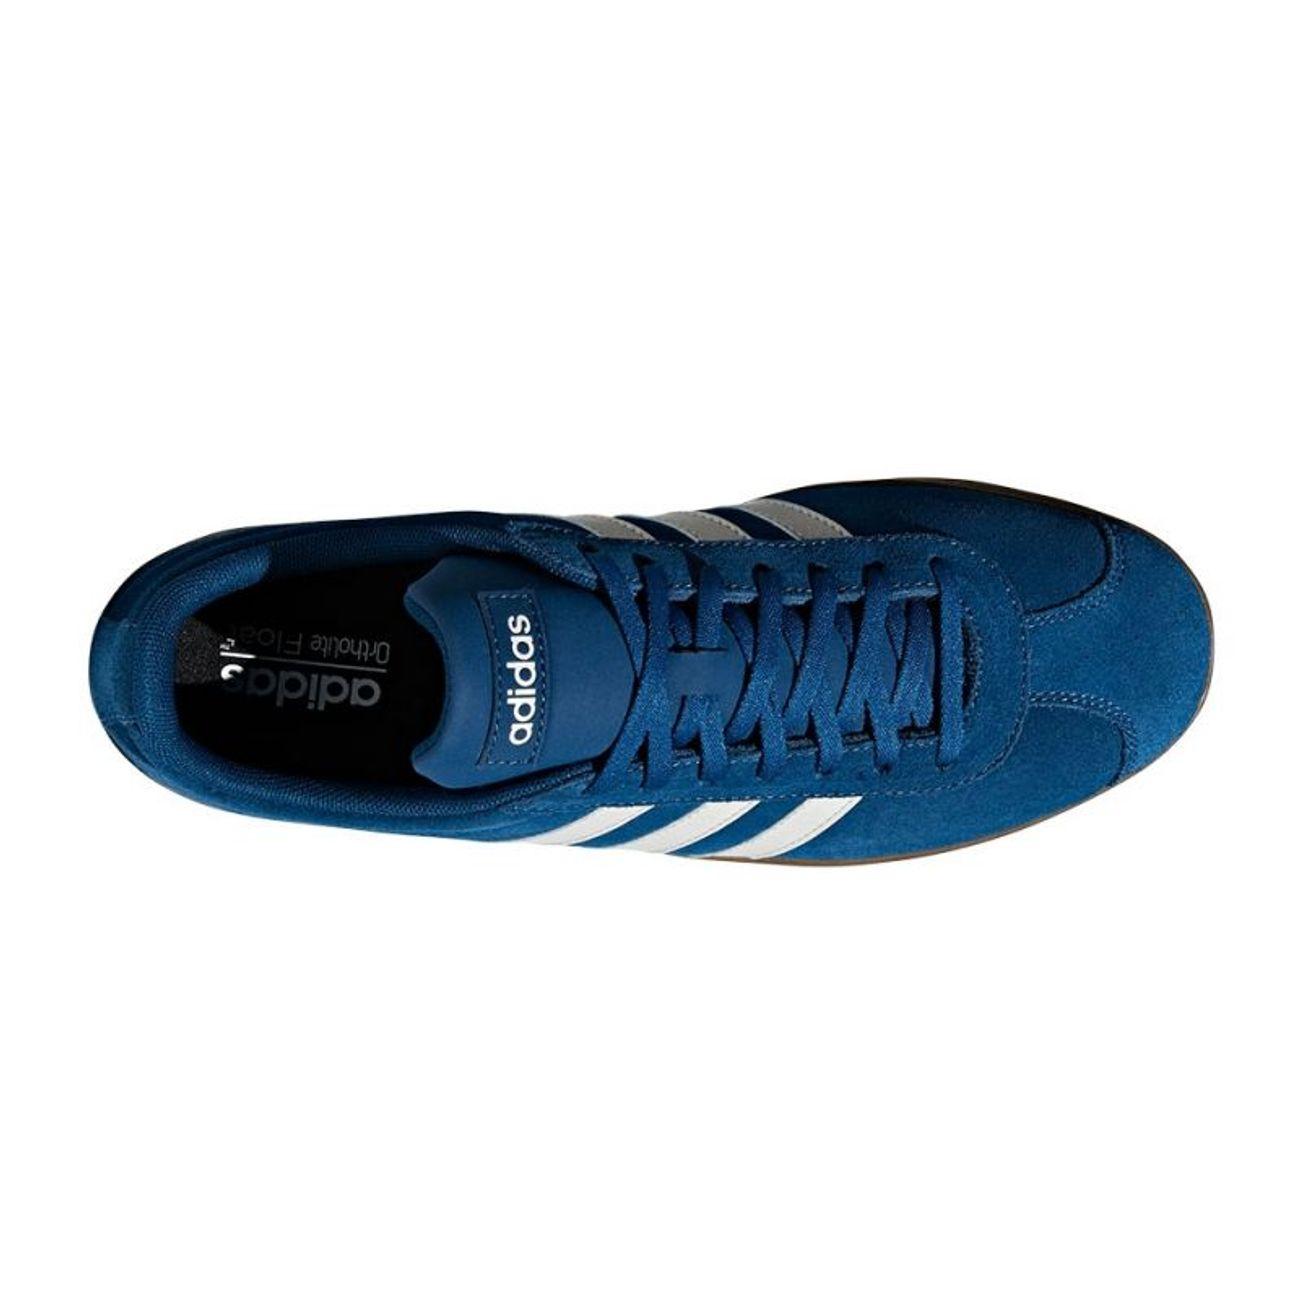 adidas neo - baskets vl court bleu